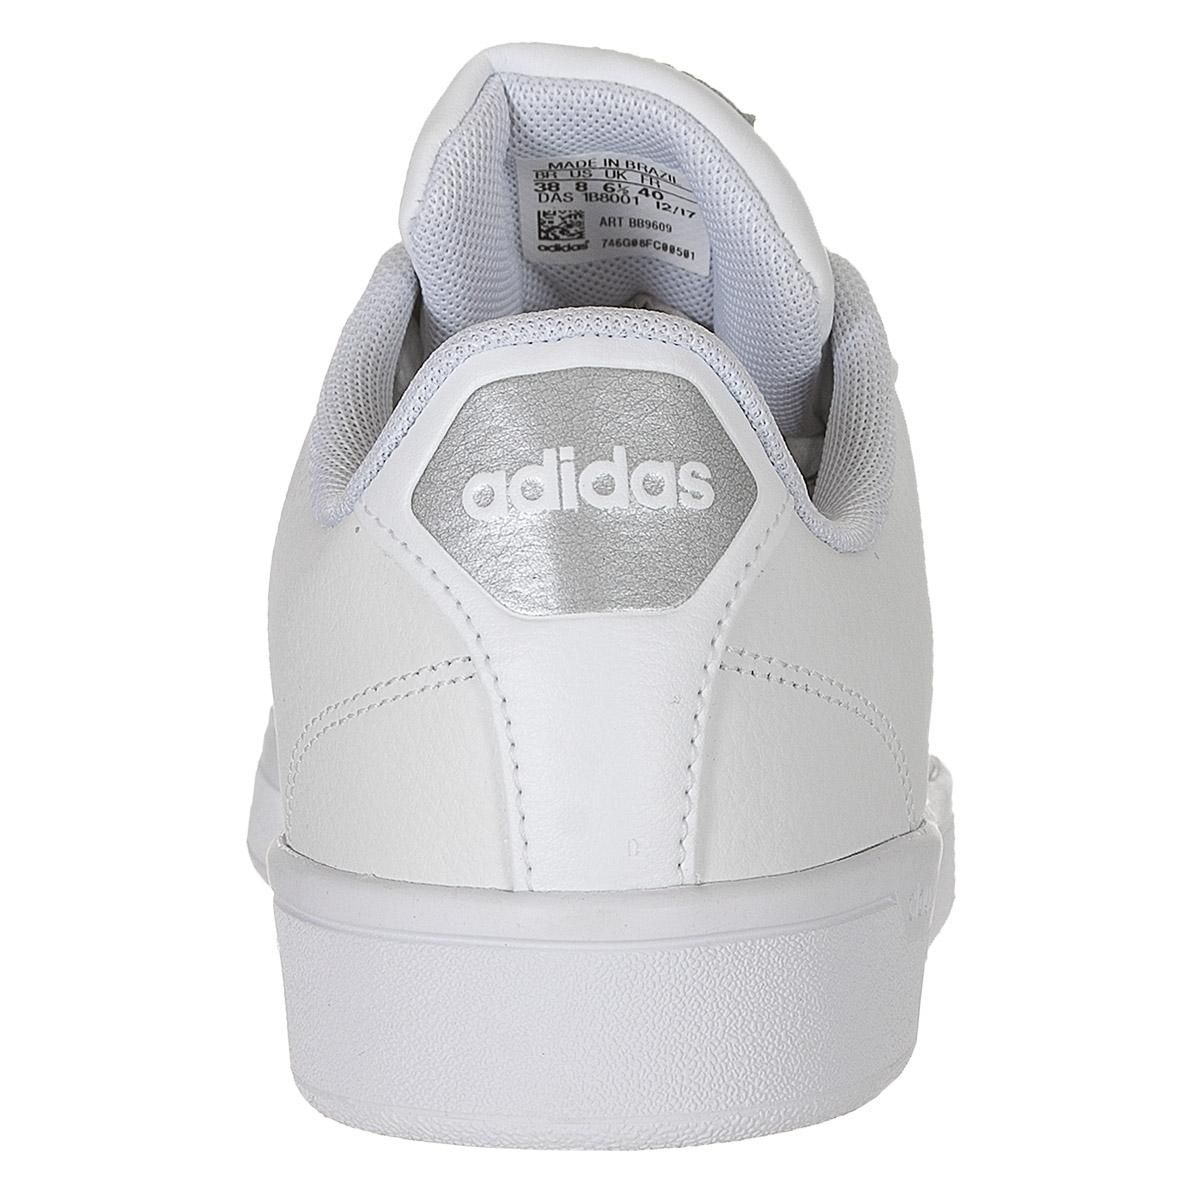 e5402bd15f2 Tênis Adidas Cloudfoam Advantage Clean Feminino - Produtos para ...